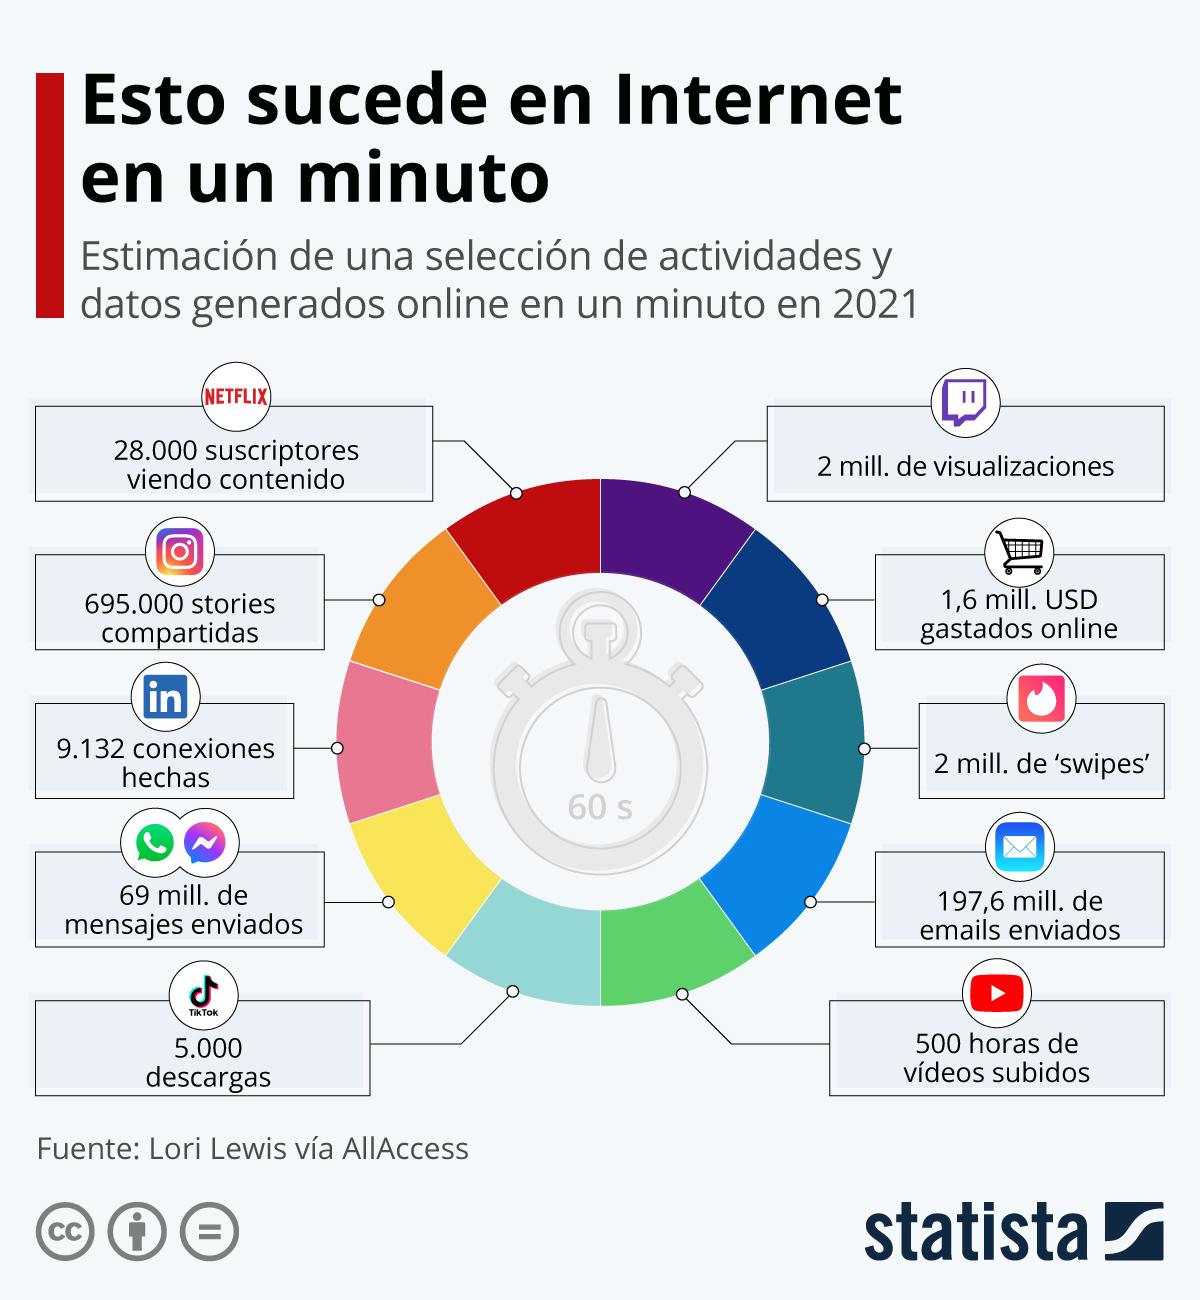 Infografía: ¿Qué sucede en Internet en un minuto? | Statista